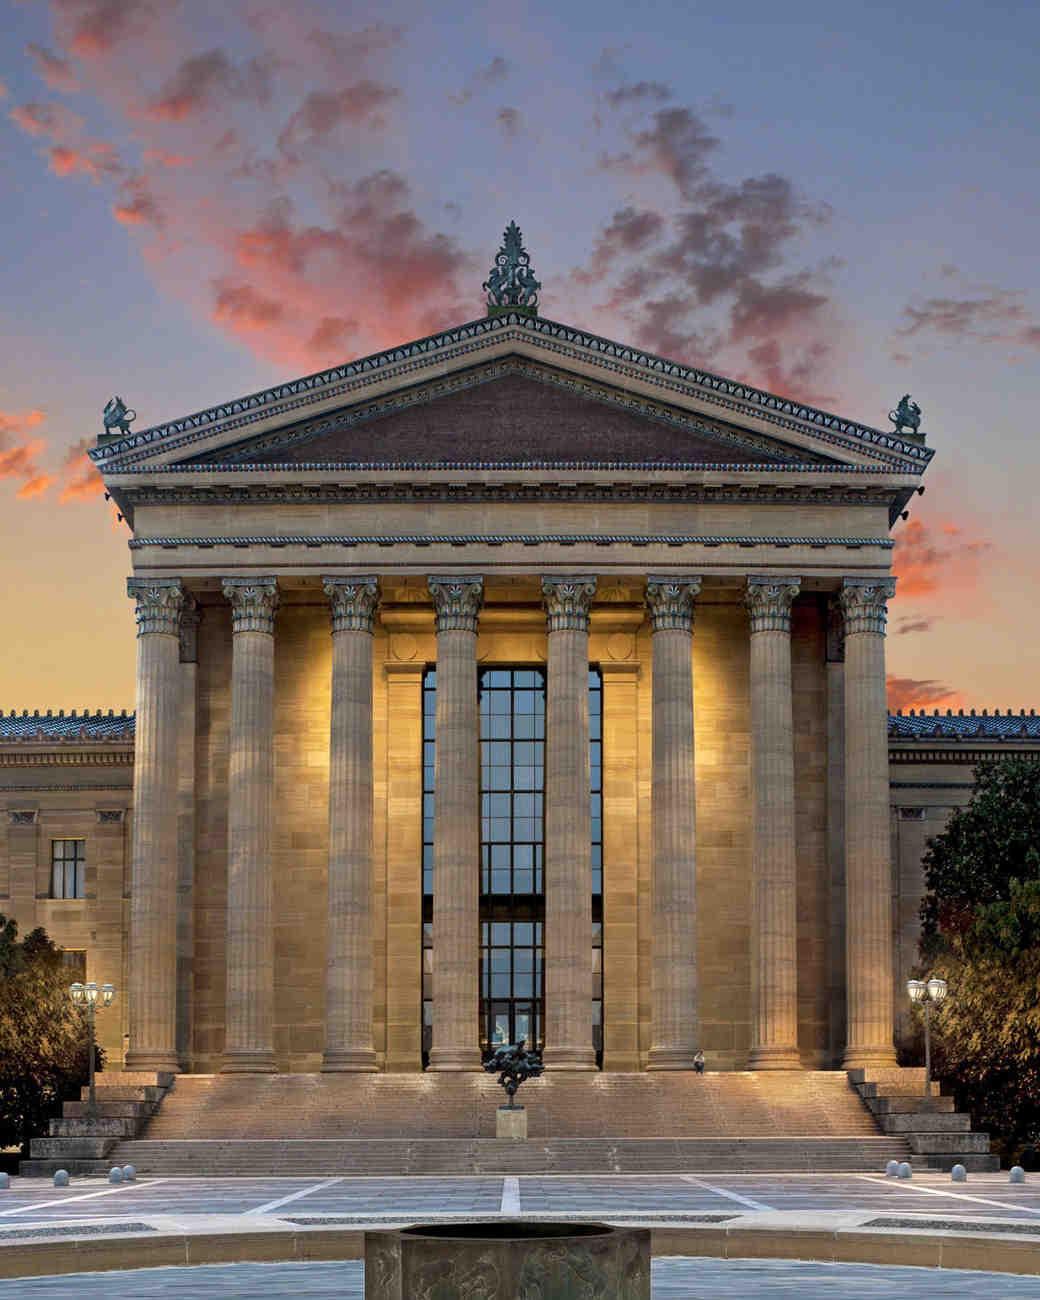 philadelphia museum of art dusk